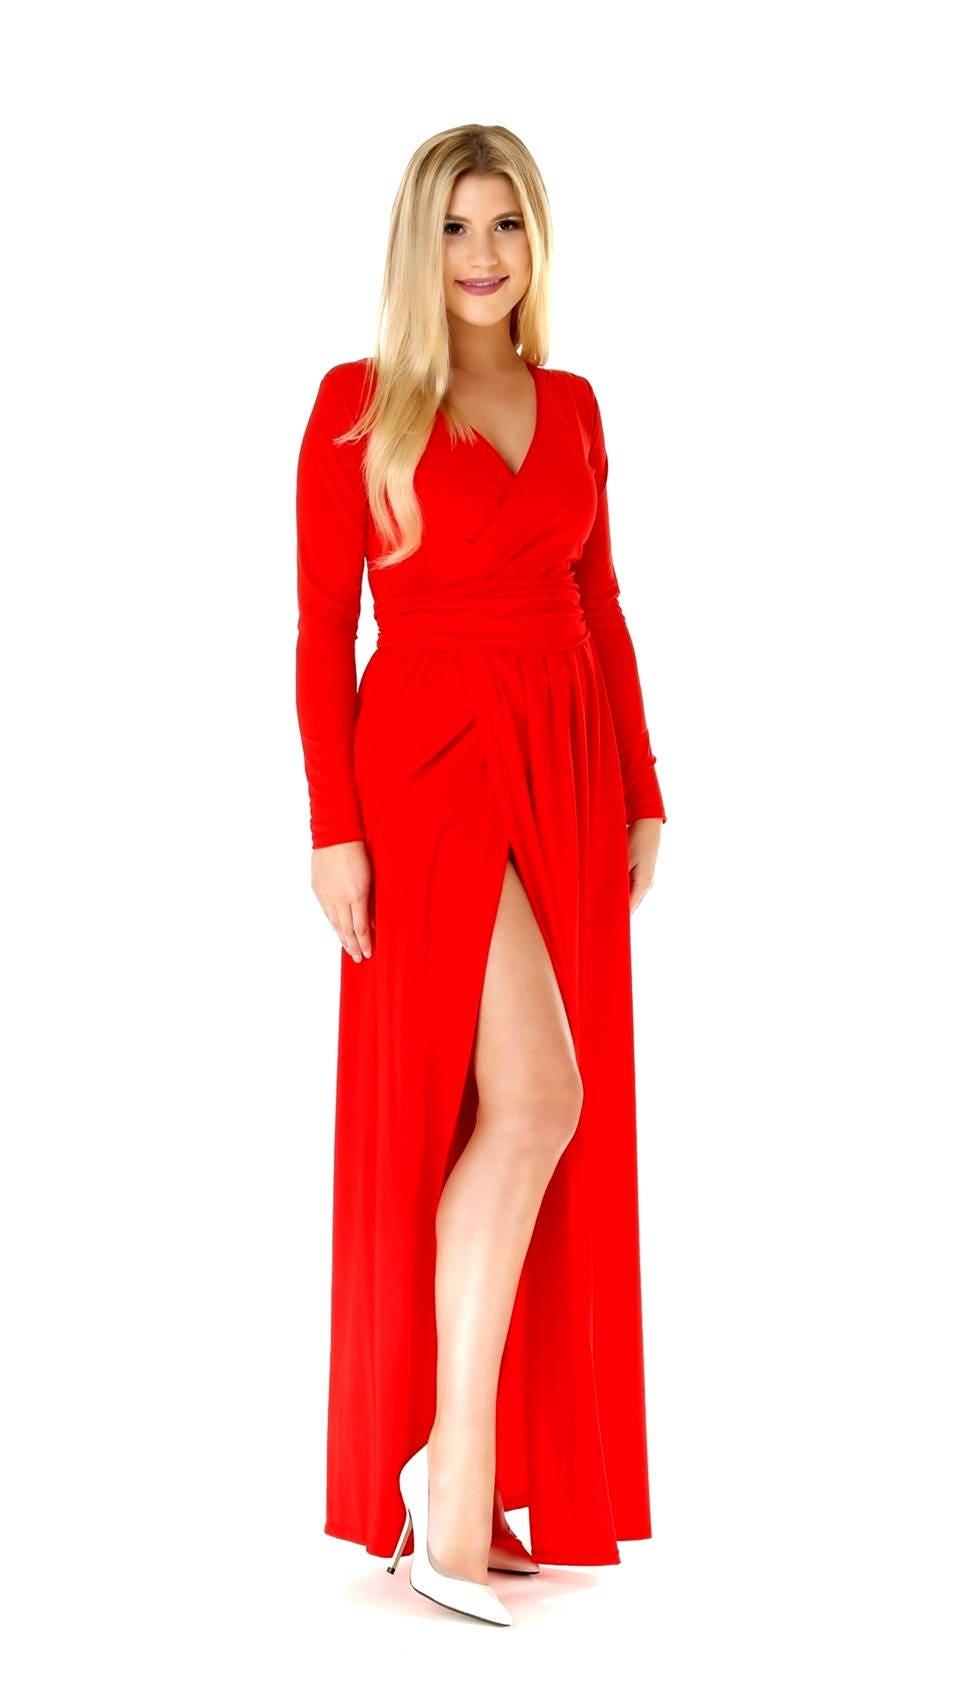 Maxi Kleid rot / wickeln Ausschnitt hohen Schlitz lange ...